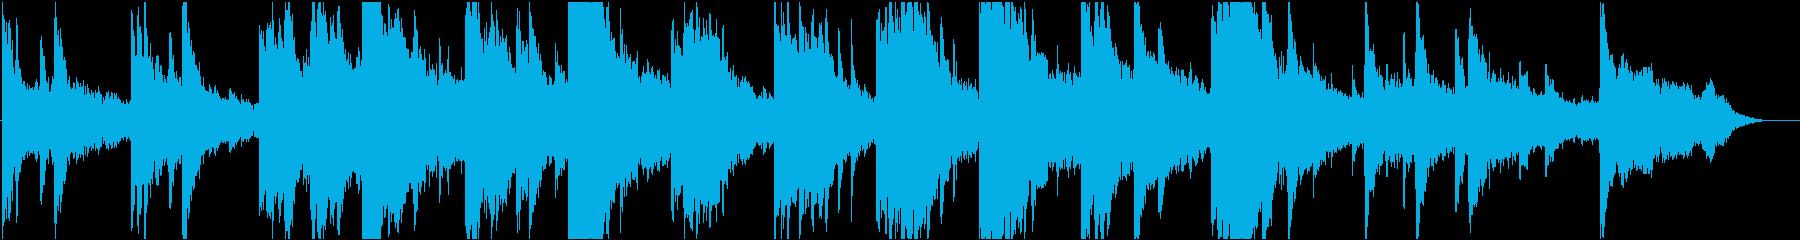 企業VP28 16bit48kHzVerの再生済みの波形